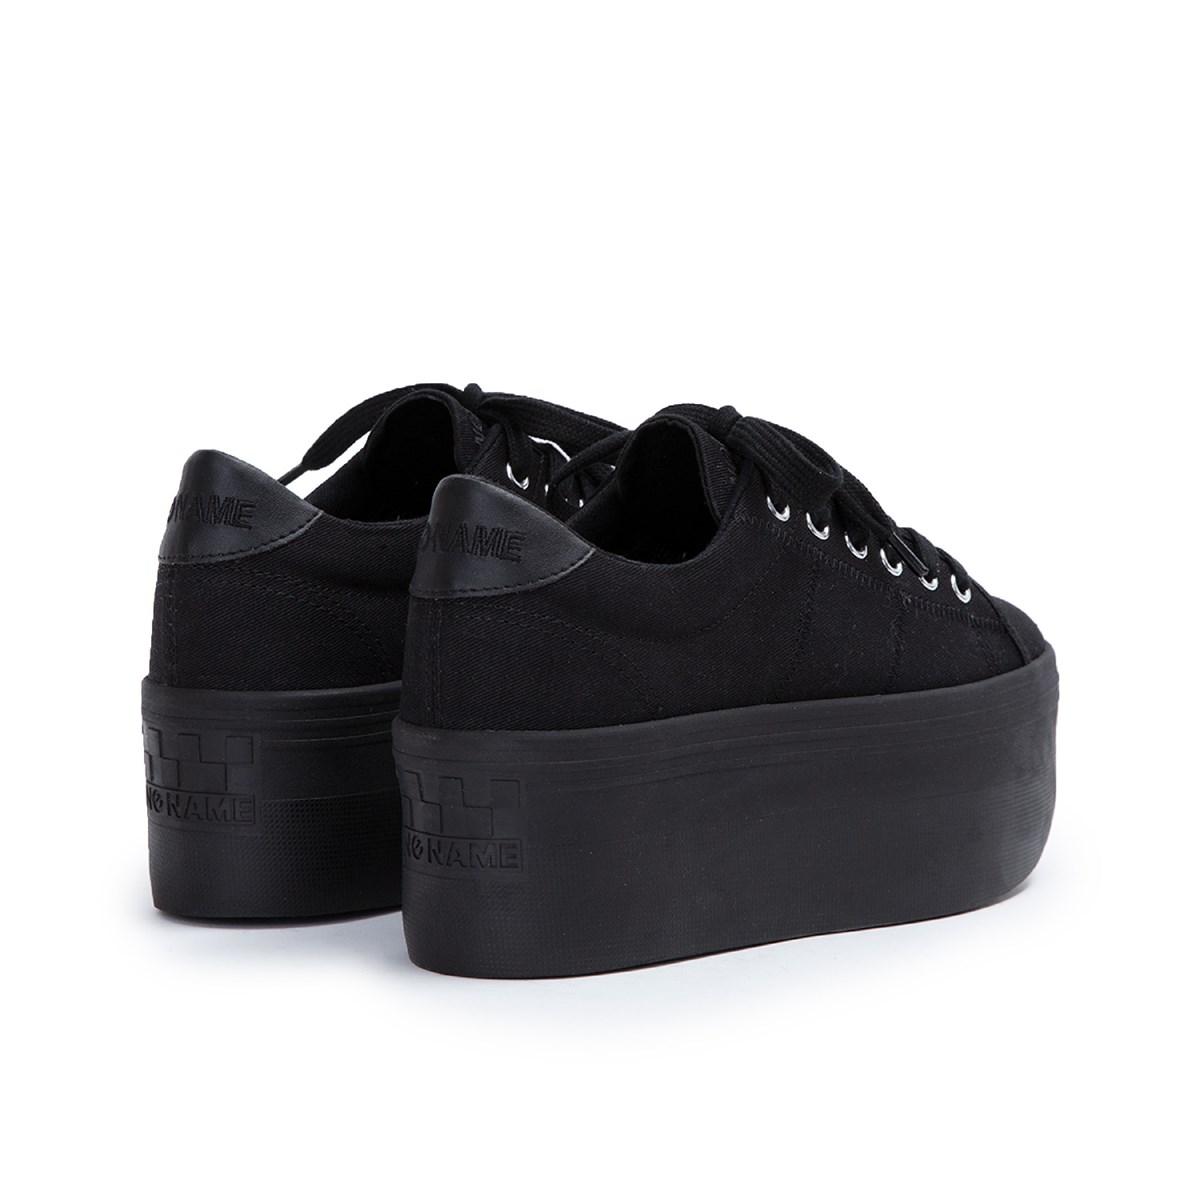 PLATO-01323-BLACK プラト ブラック